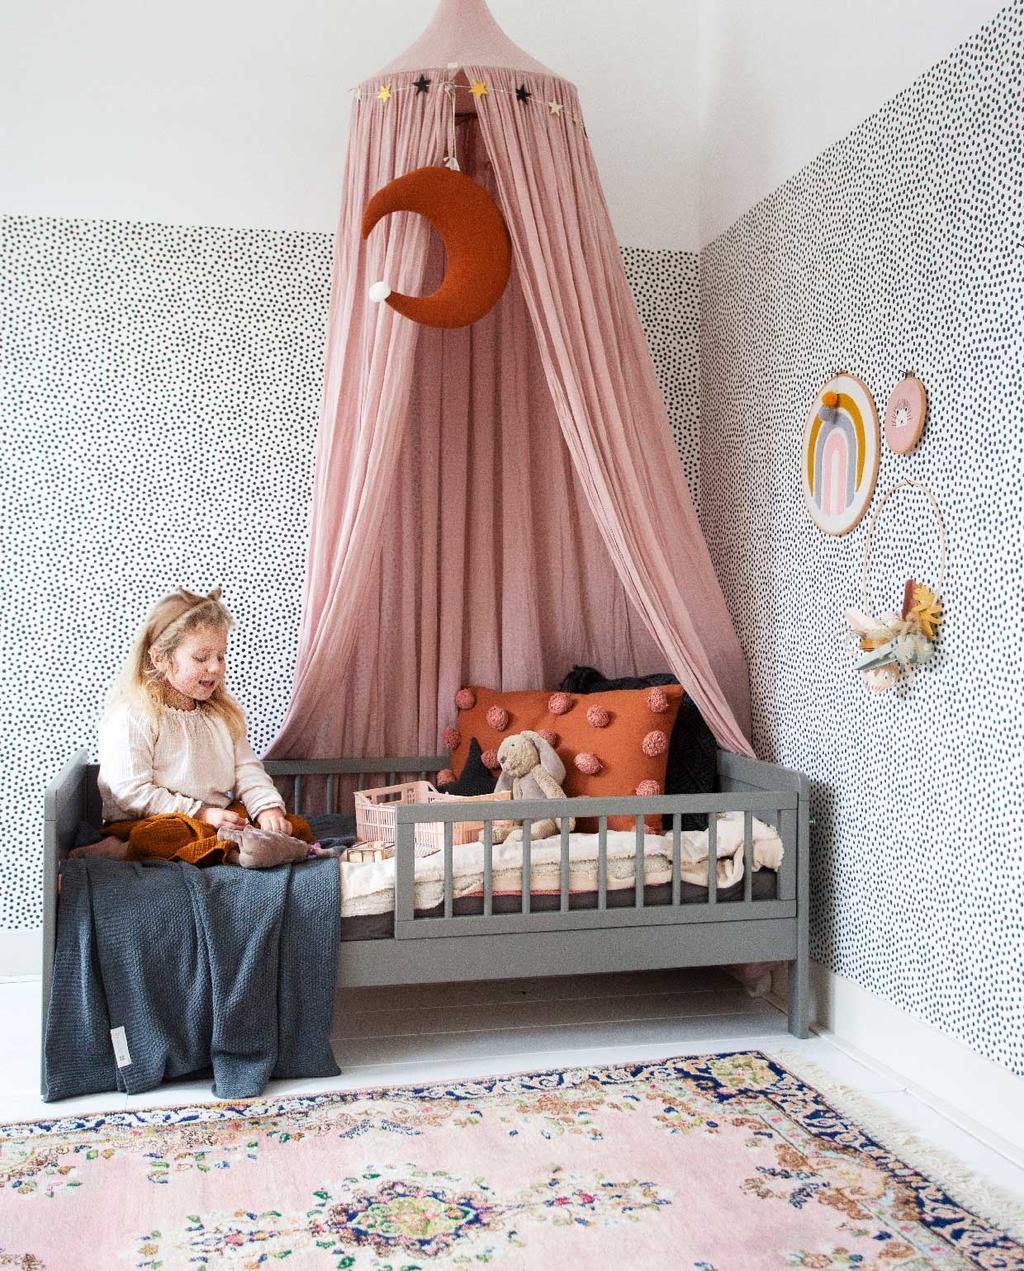 vtwonen 05-2020 | binnenkijken in een herenhuis in Amsterdam | kijkkamer kinderkamer grijs kinderbed met roze klamboe